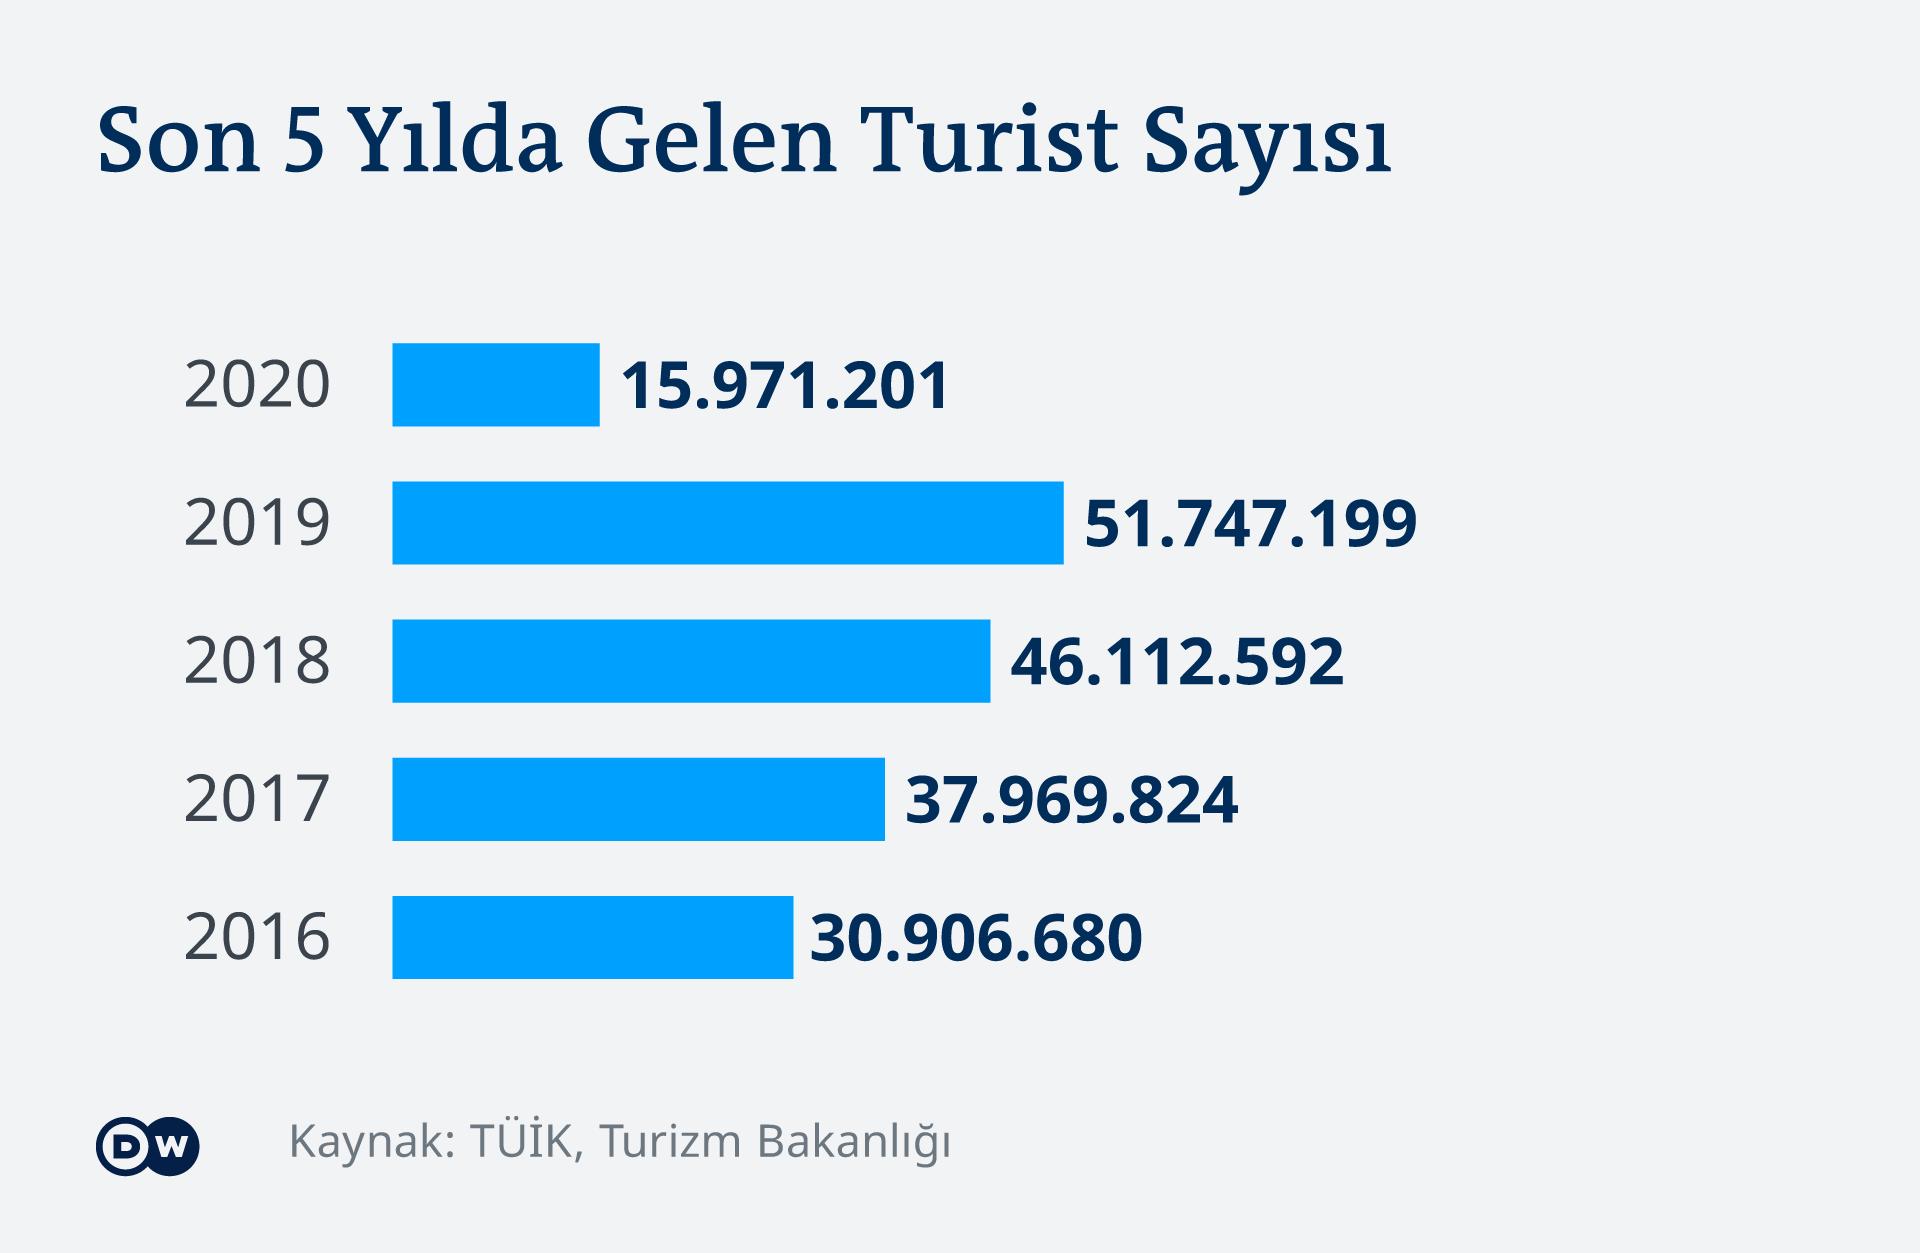 Infografik - Tournismus Trükei - TR